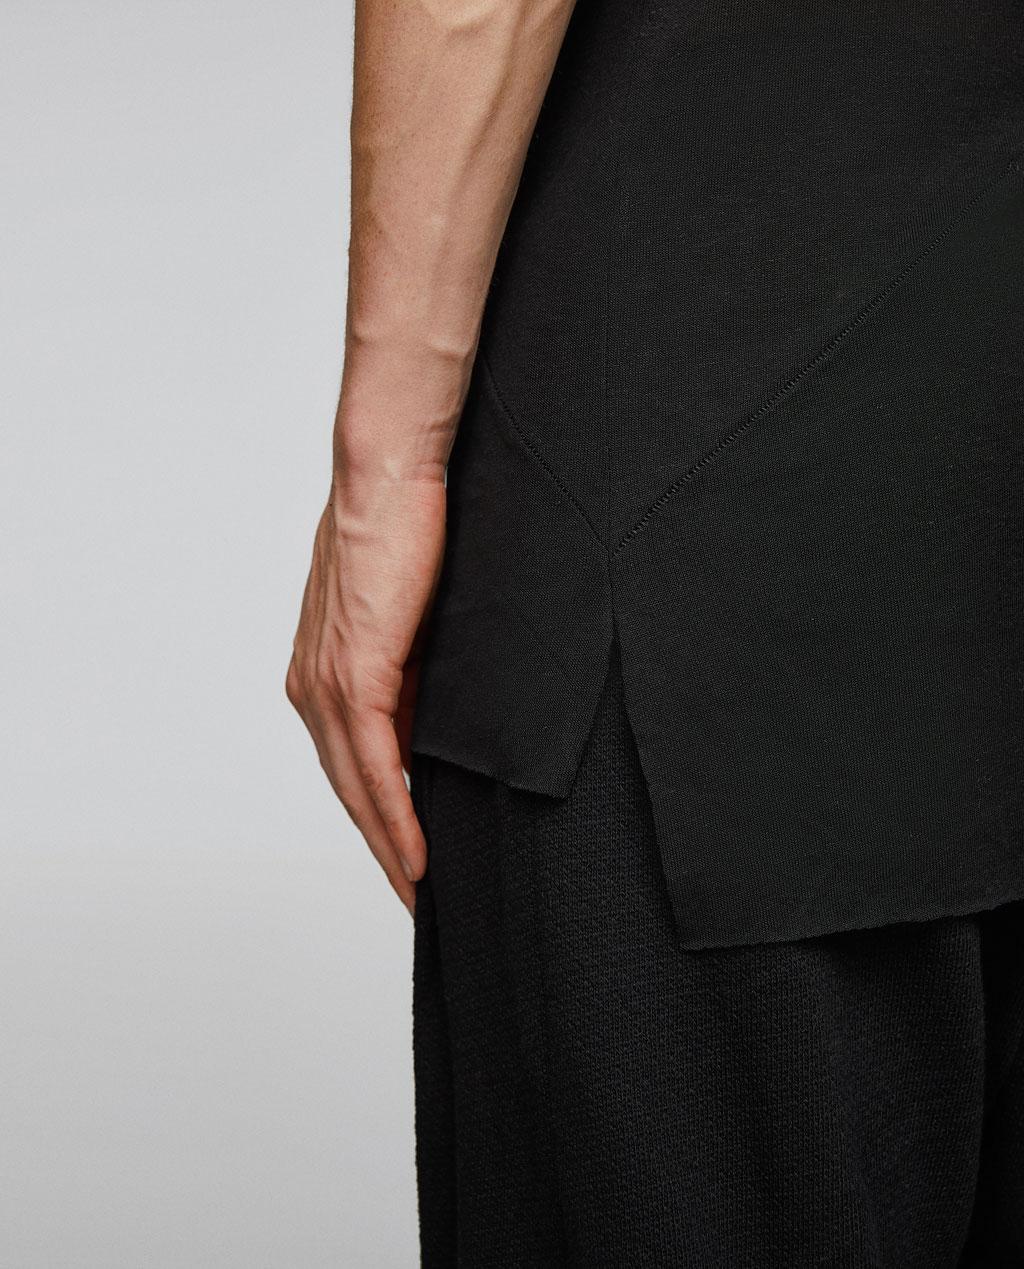 Thời trang nam Zara  23906 - ảnh 9